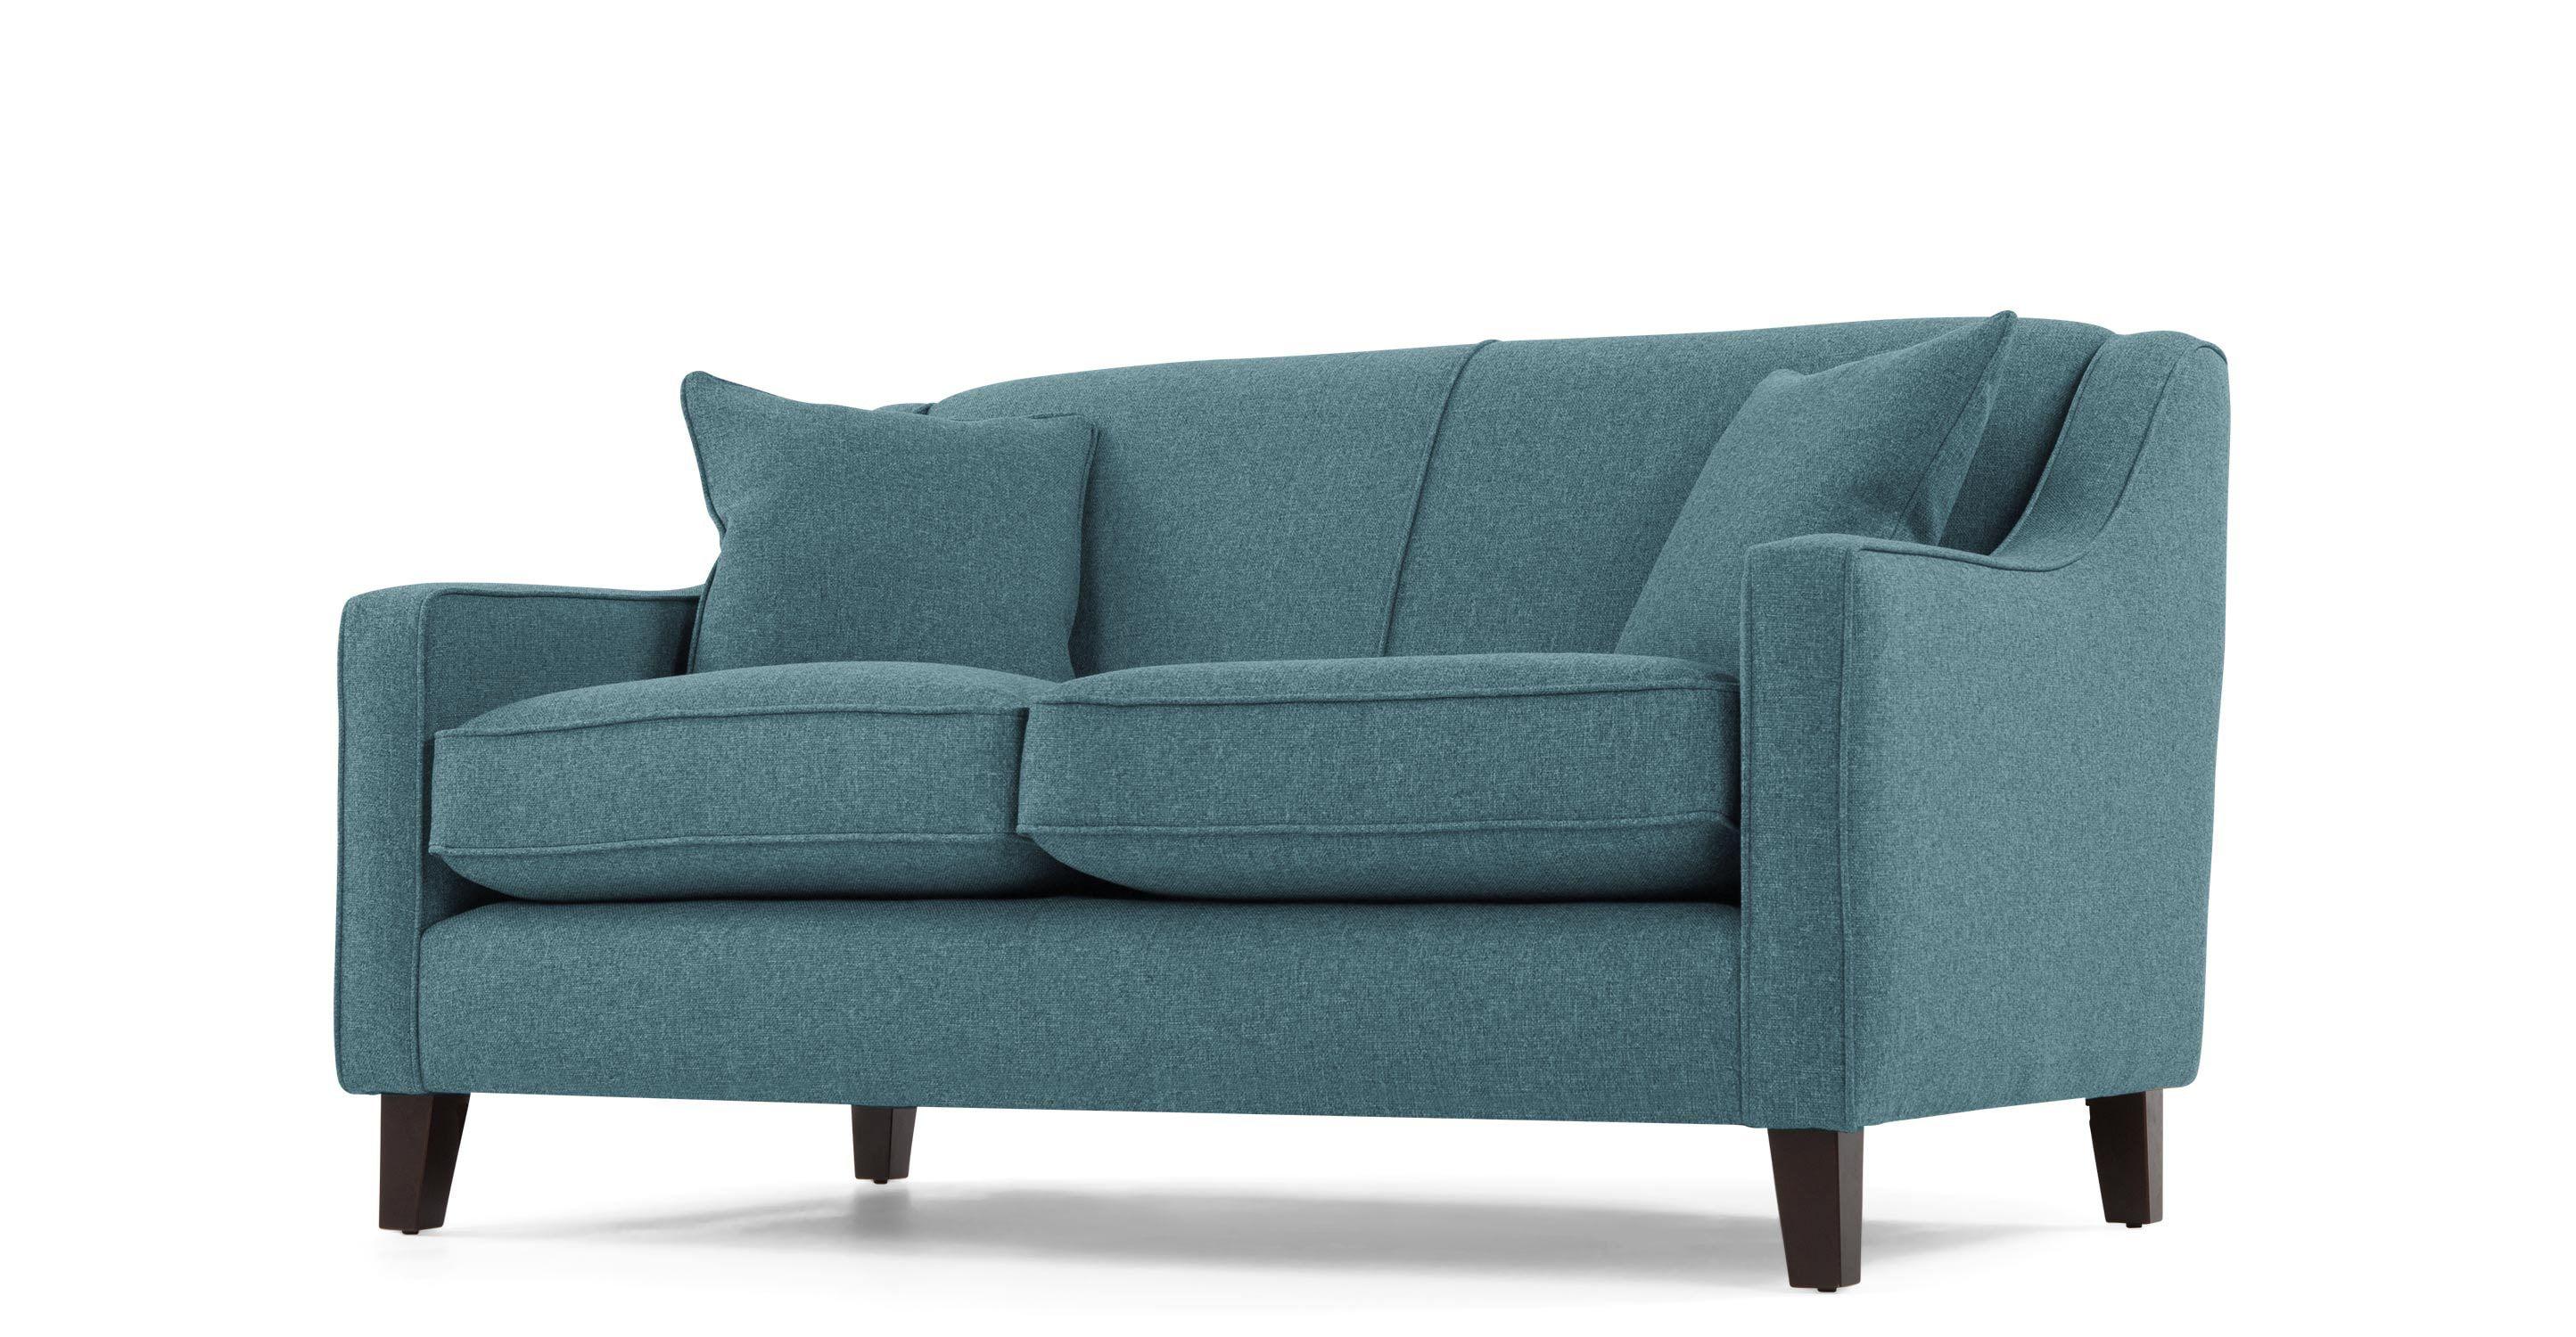 Home Ava Compact 2 Seater Fabric Sofa Teal Fabric Sofa Charcoal Sofa Sofa